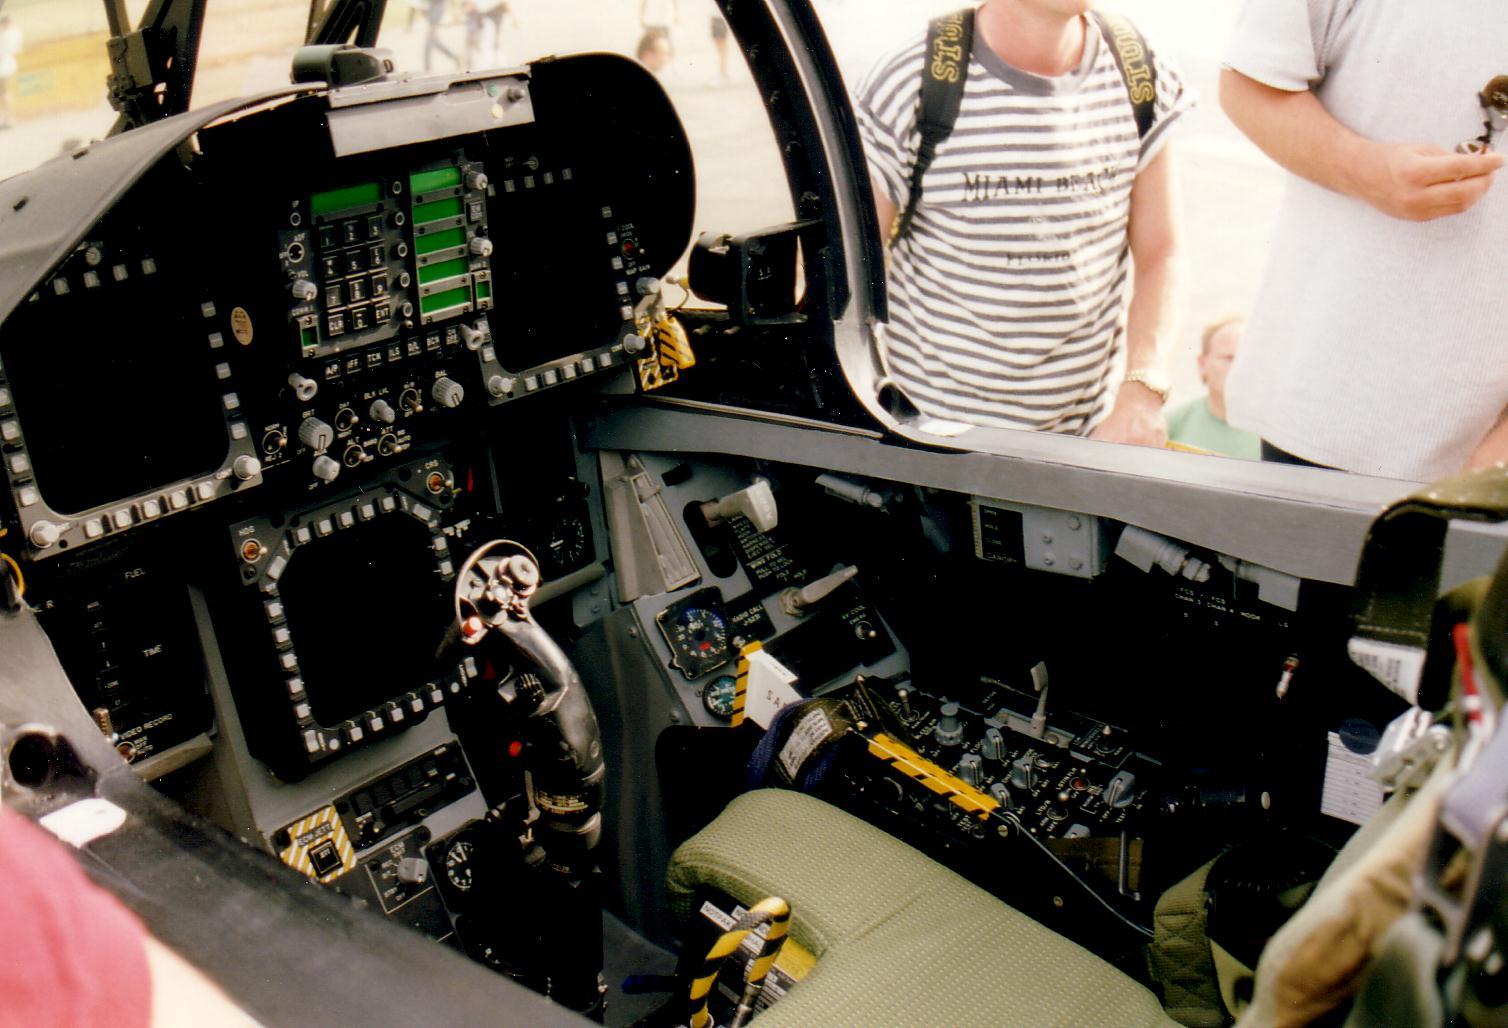 F 18 Cockpit File:F18 Cockpi...